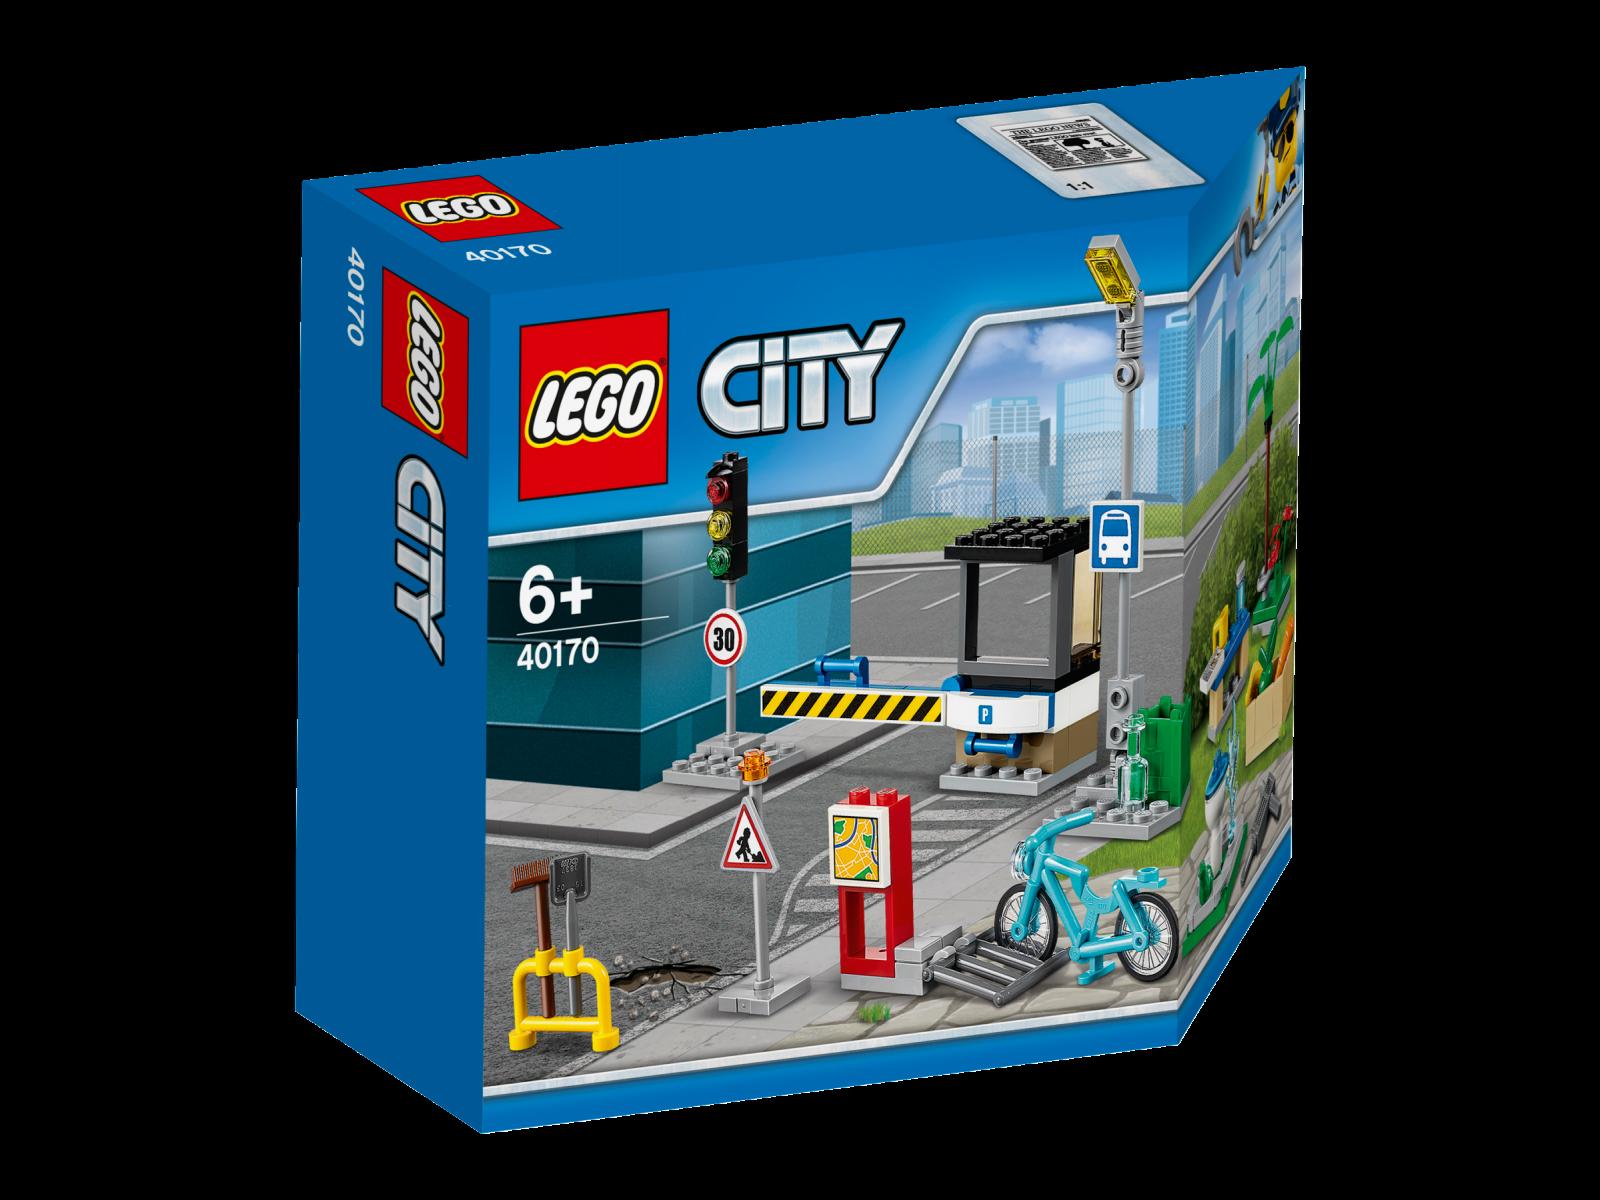 LEGO ® City 40170 Kit Accessoires